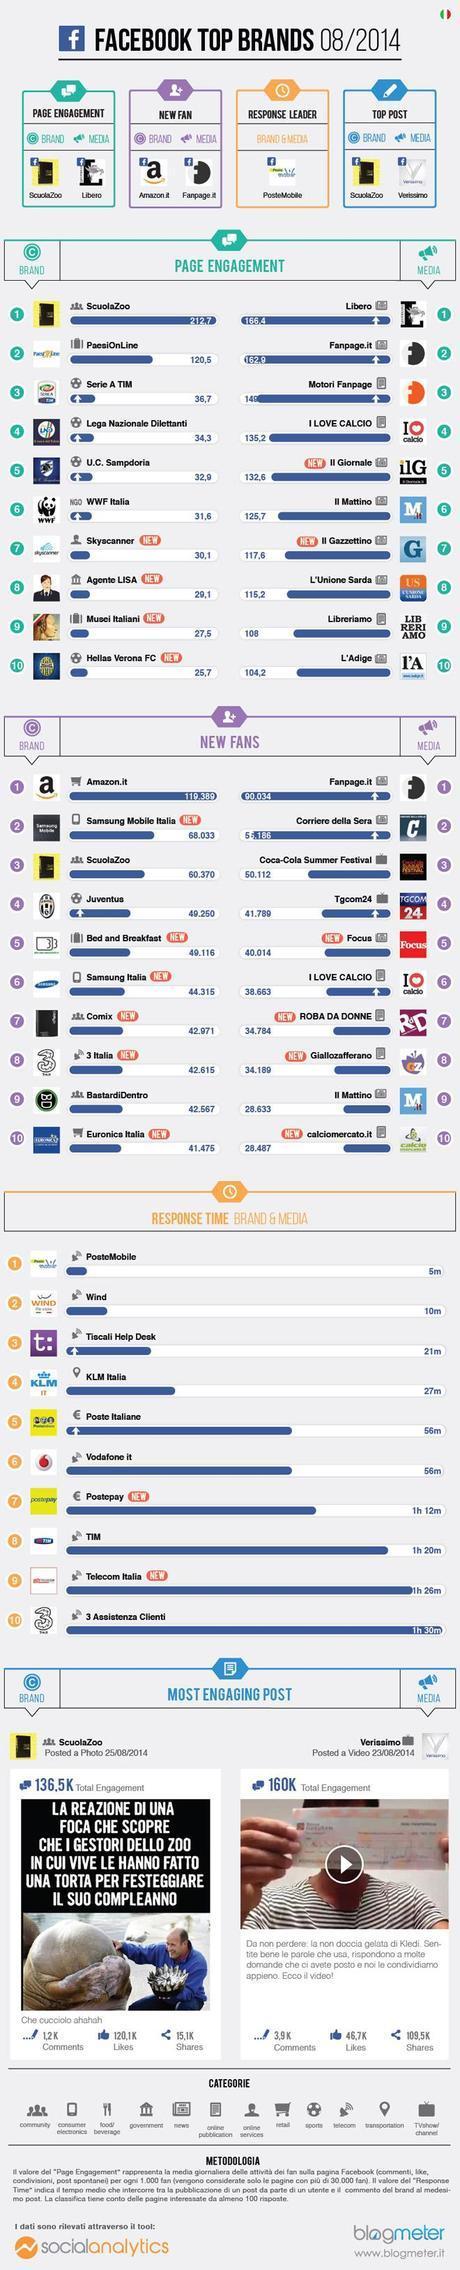 Top-Brands_Agosto-2014-facebook